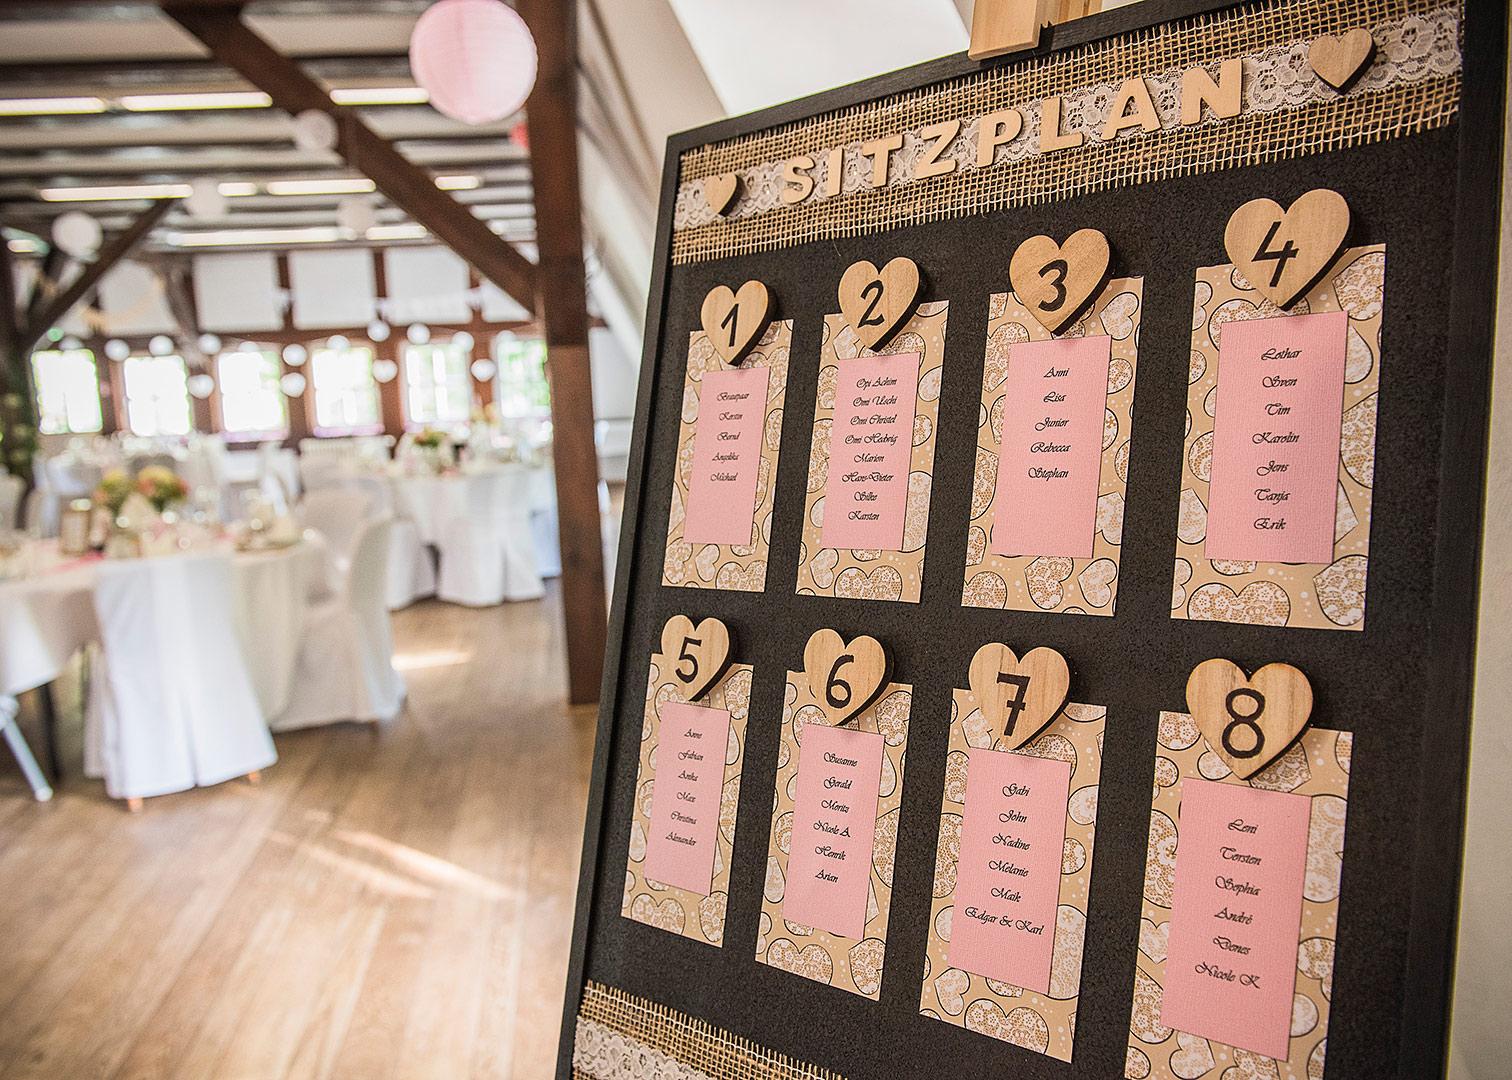 sitzplan hochzeit, diy sitzplan, hochzeitsdeko, hochzeitsfotograf, tischdekoration hochzeit, heiraten in der springbachmühle